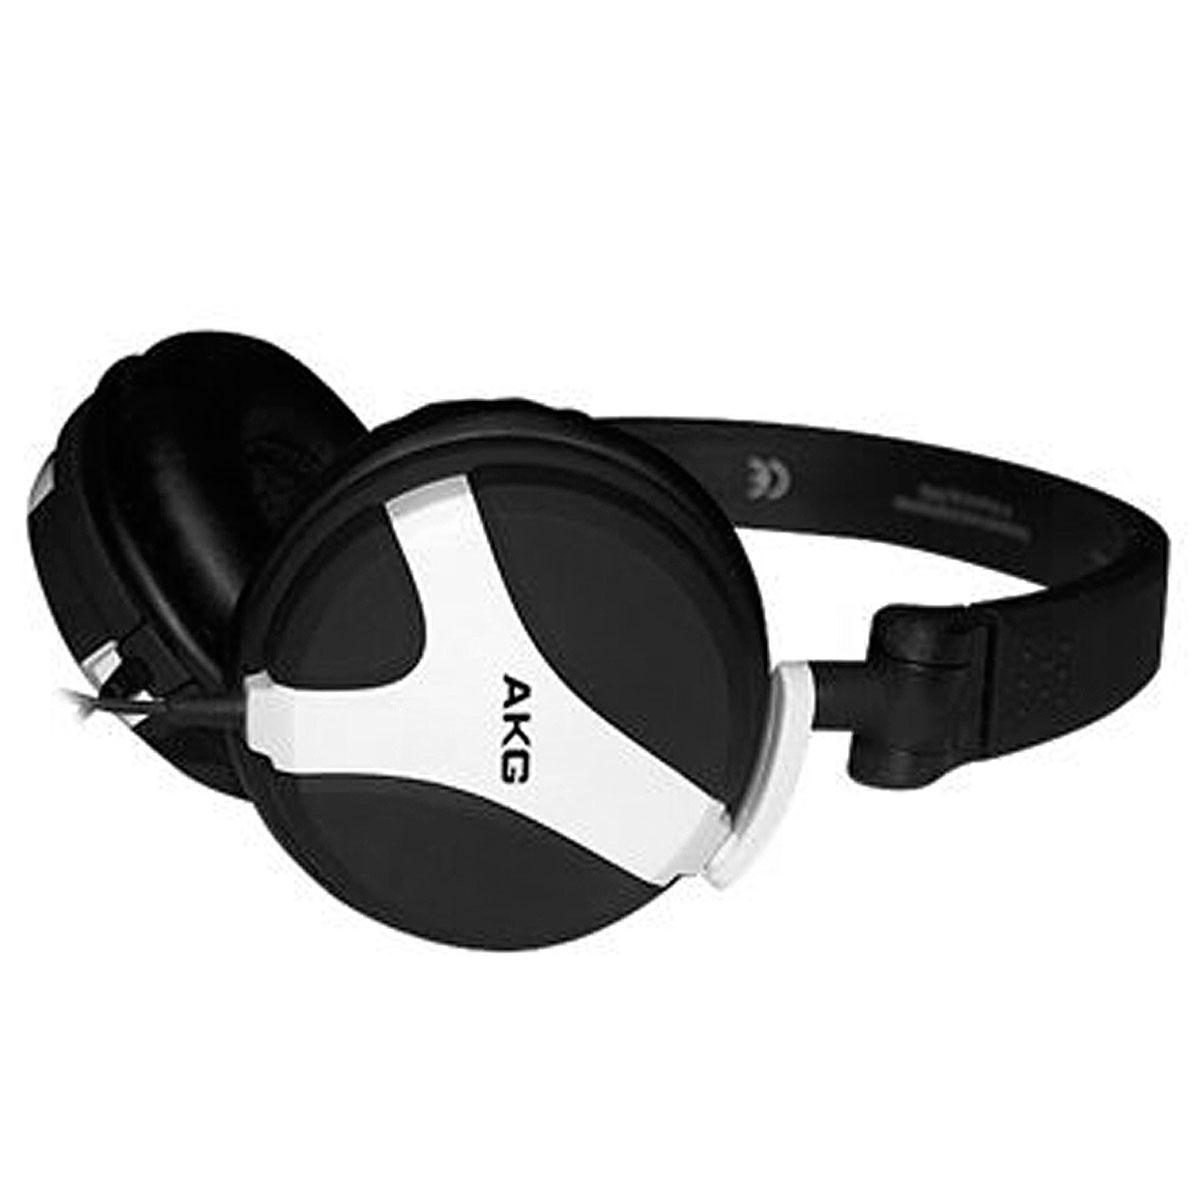 Fone de Ouvido Over-ear p/ DJ 16Hz - 24KHz 32 Ohms K 518 LE - AKG